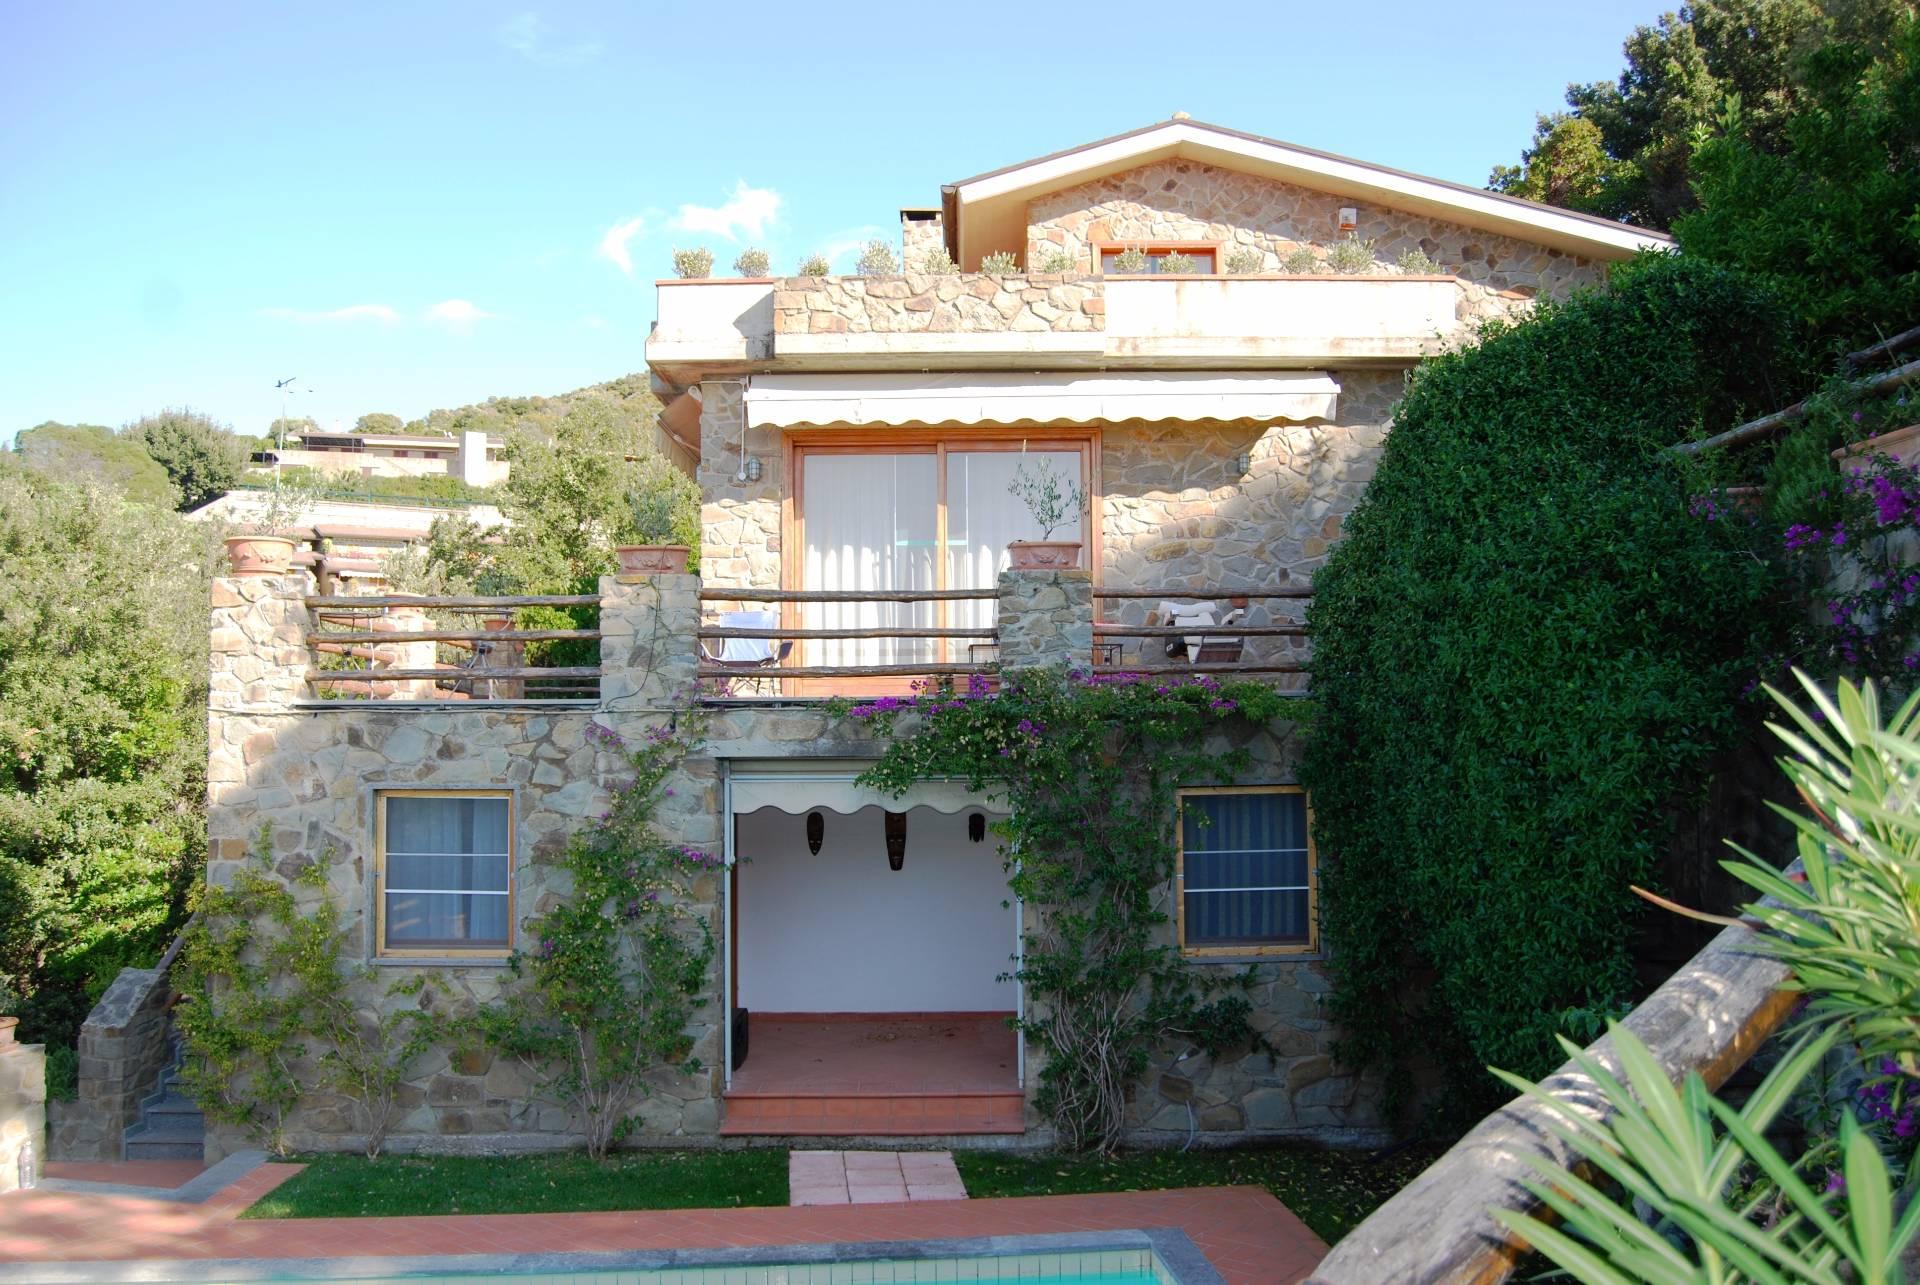 Villa in Vendita a Castiglione Della Pescaia: 5 locali, 260 mq - Foto 6